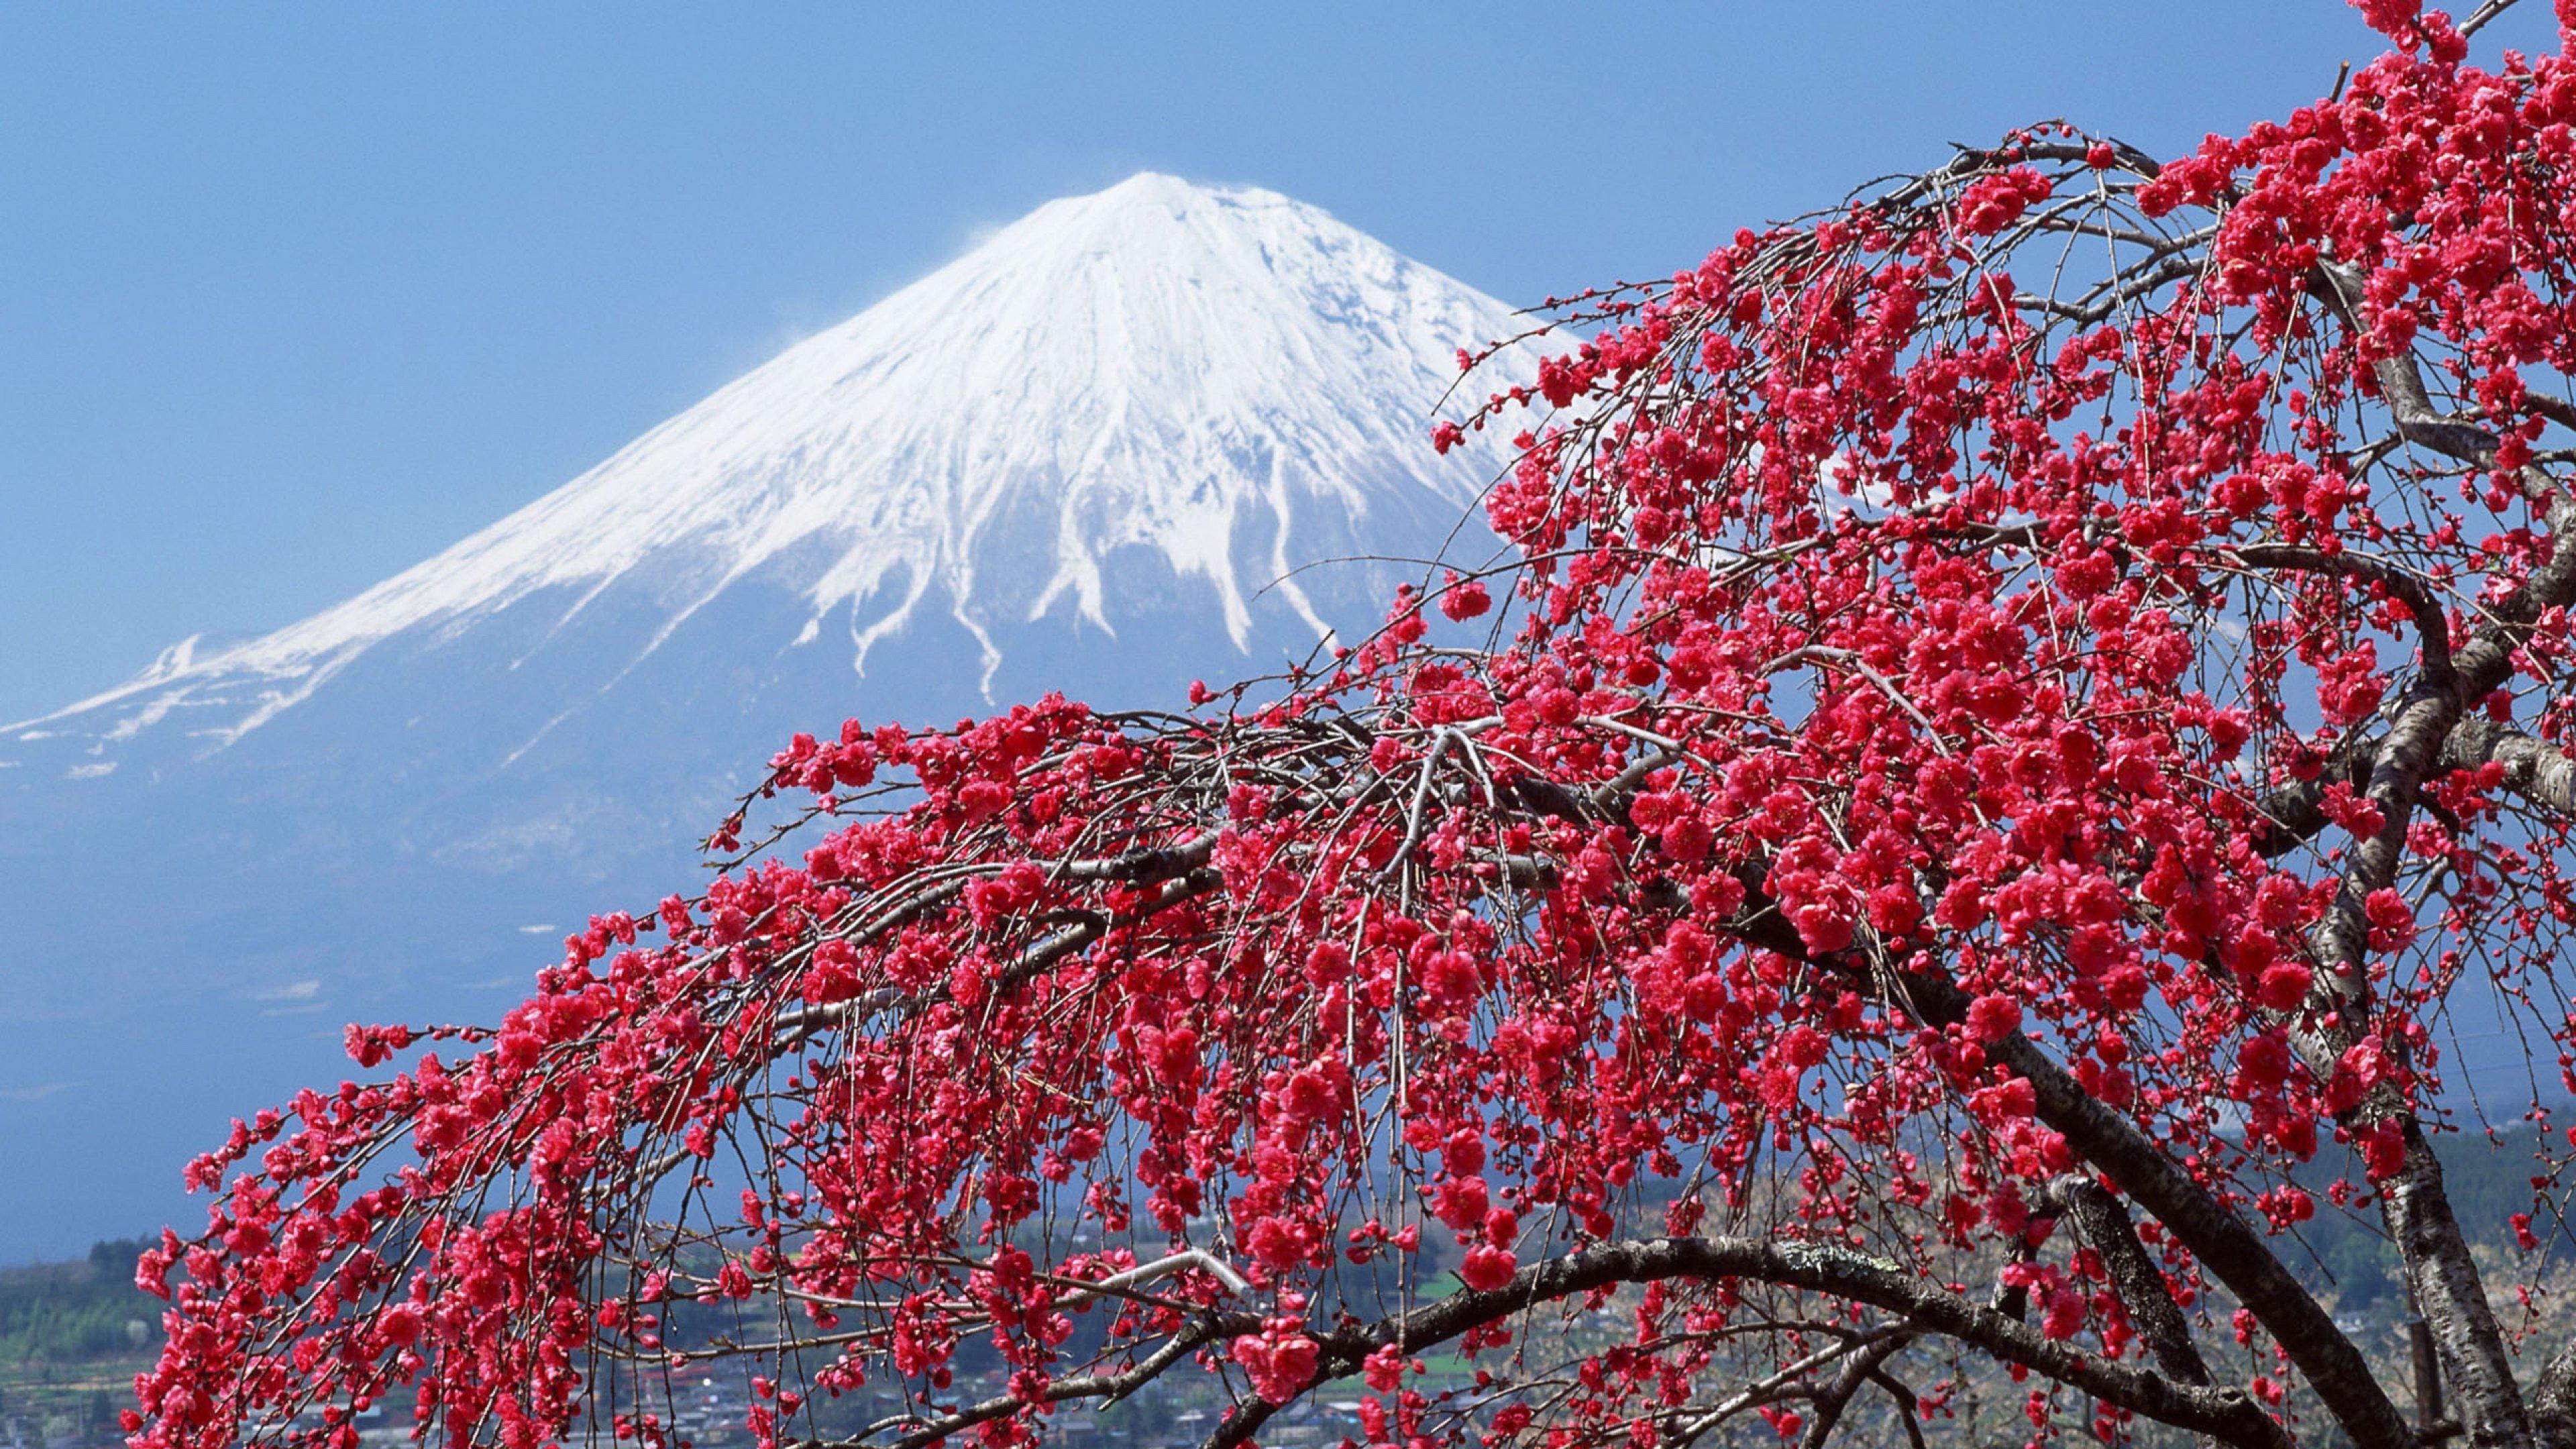 in japan Japan Sakura Mountains Wallpaper Background 4K Ultra HD 3840x2160